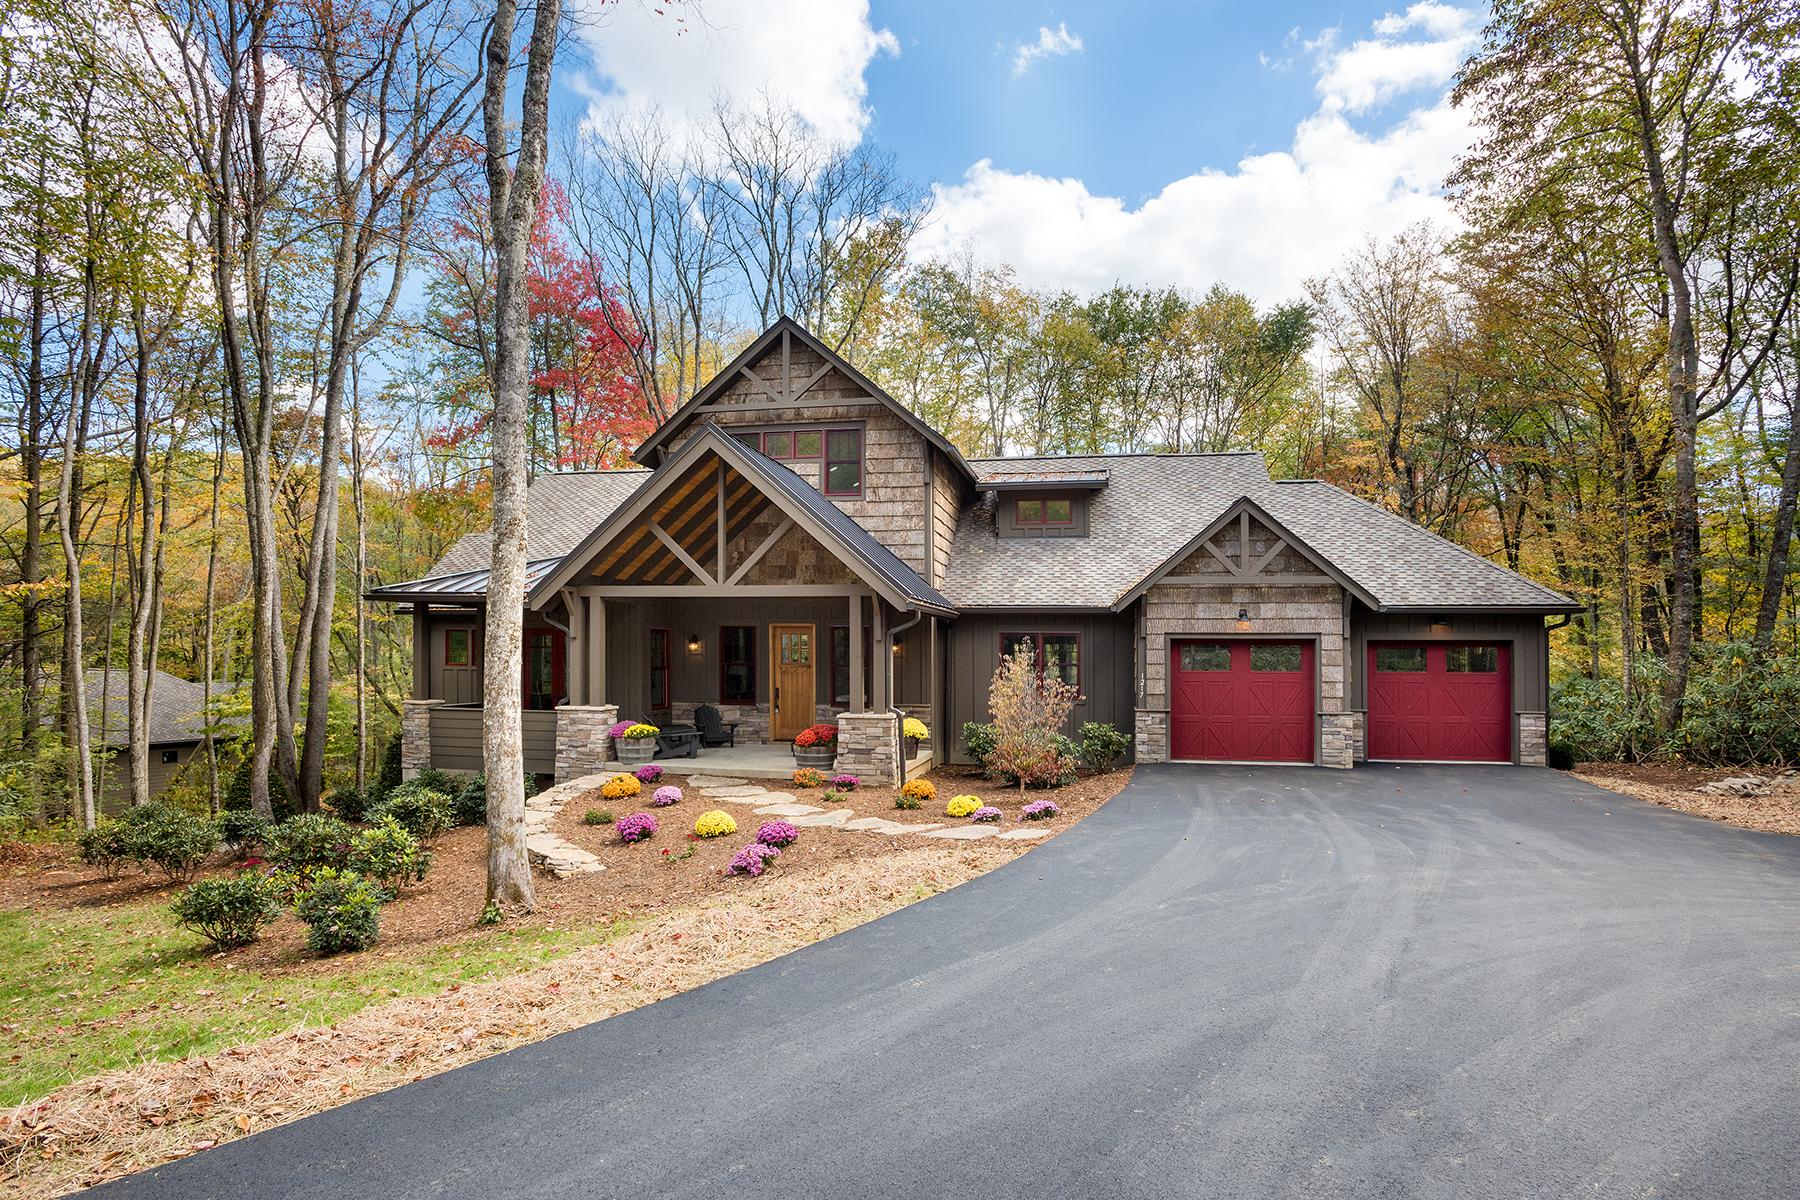 一戸建て のために 売買 アット LINVILLE - LINVILLE RIDGE 1216 Cranberry Trl 12 Linville, ノースカロライナ, 28646 アメリカ合衆国